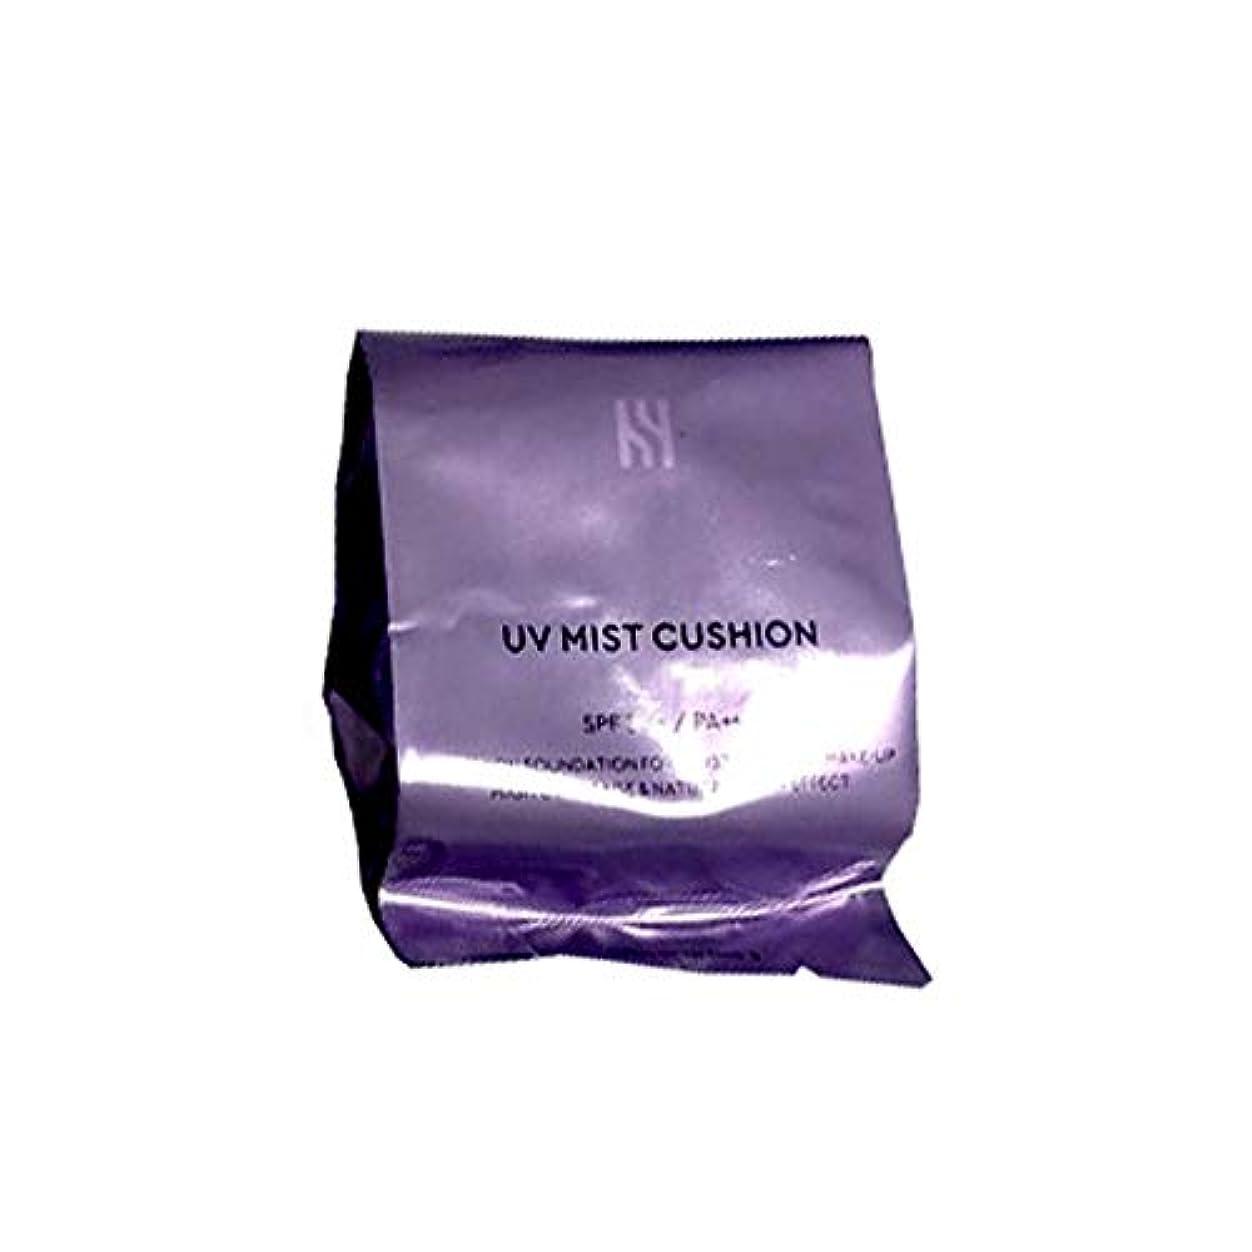 目指すミシン冗長HERA(ヘラ) UVミストクッション(カバー)SPF50+/PA+++ [リフィルのみ] C21号/バニラ